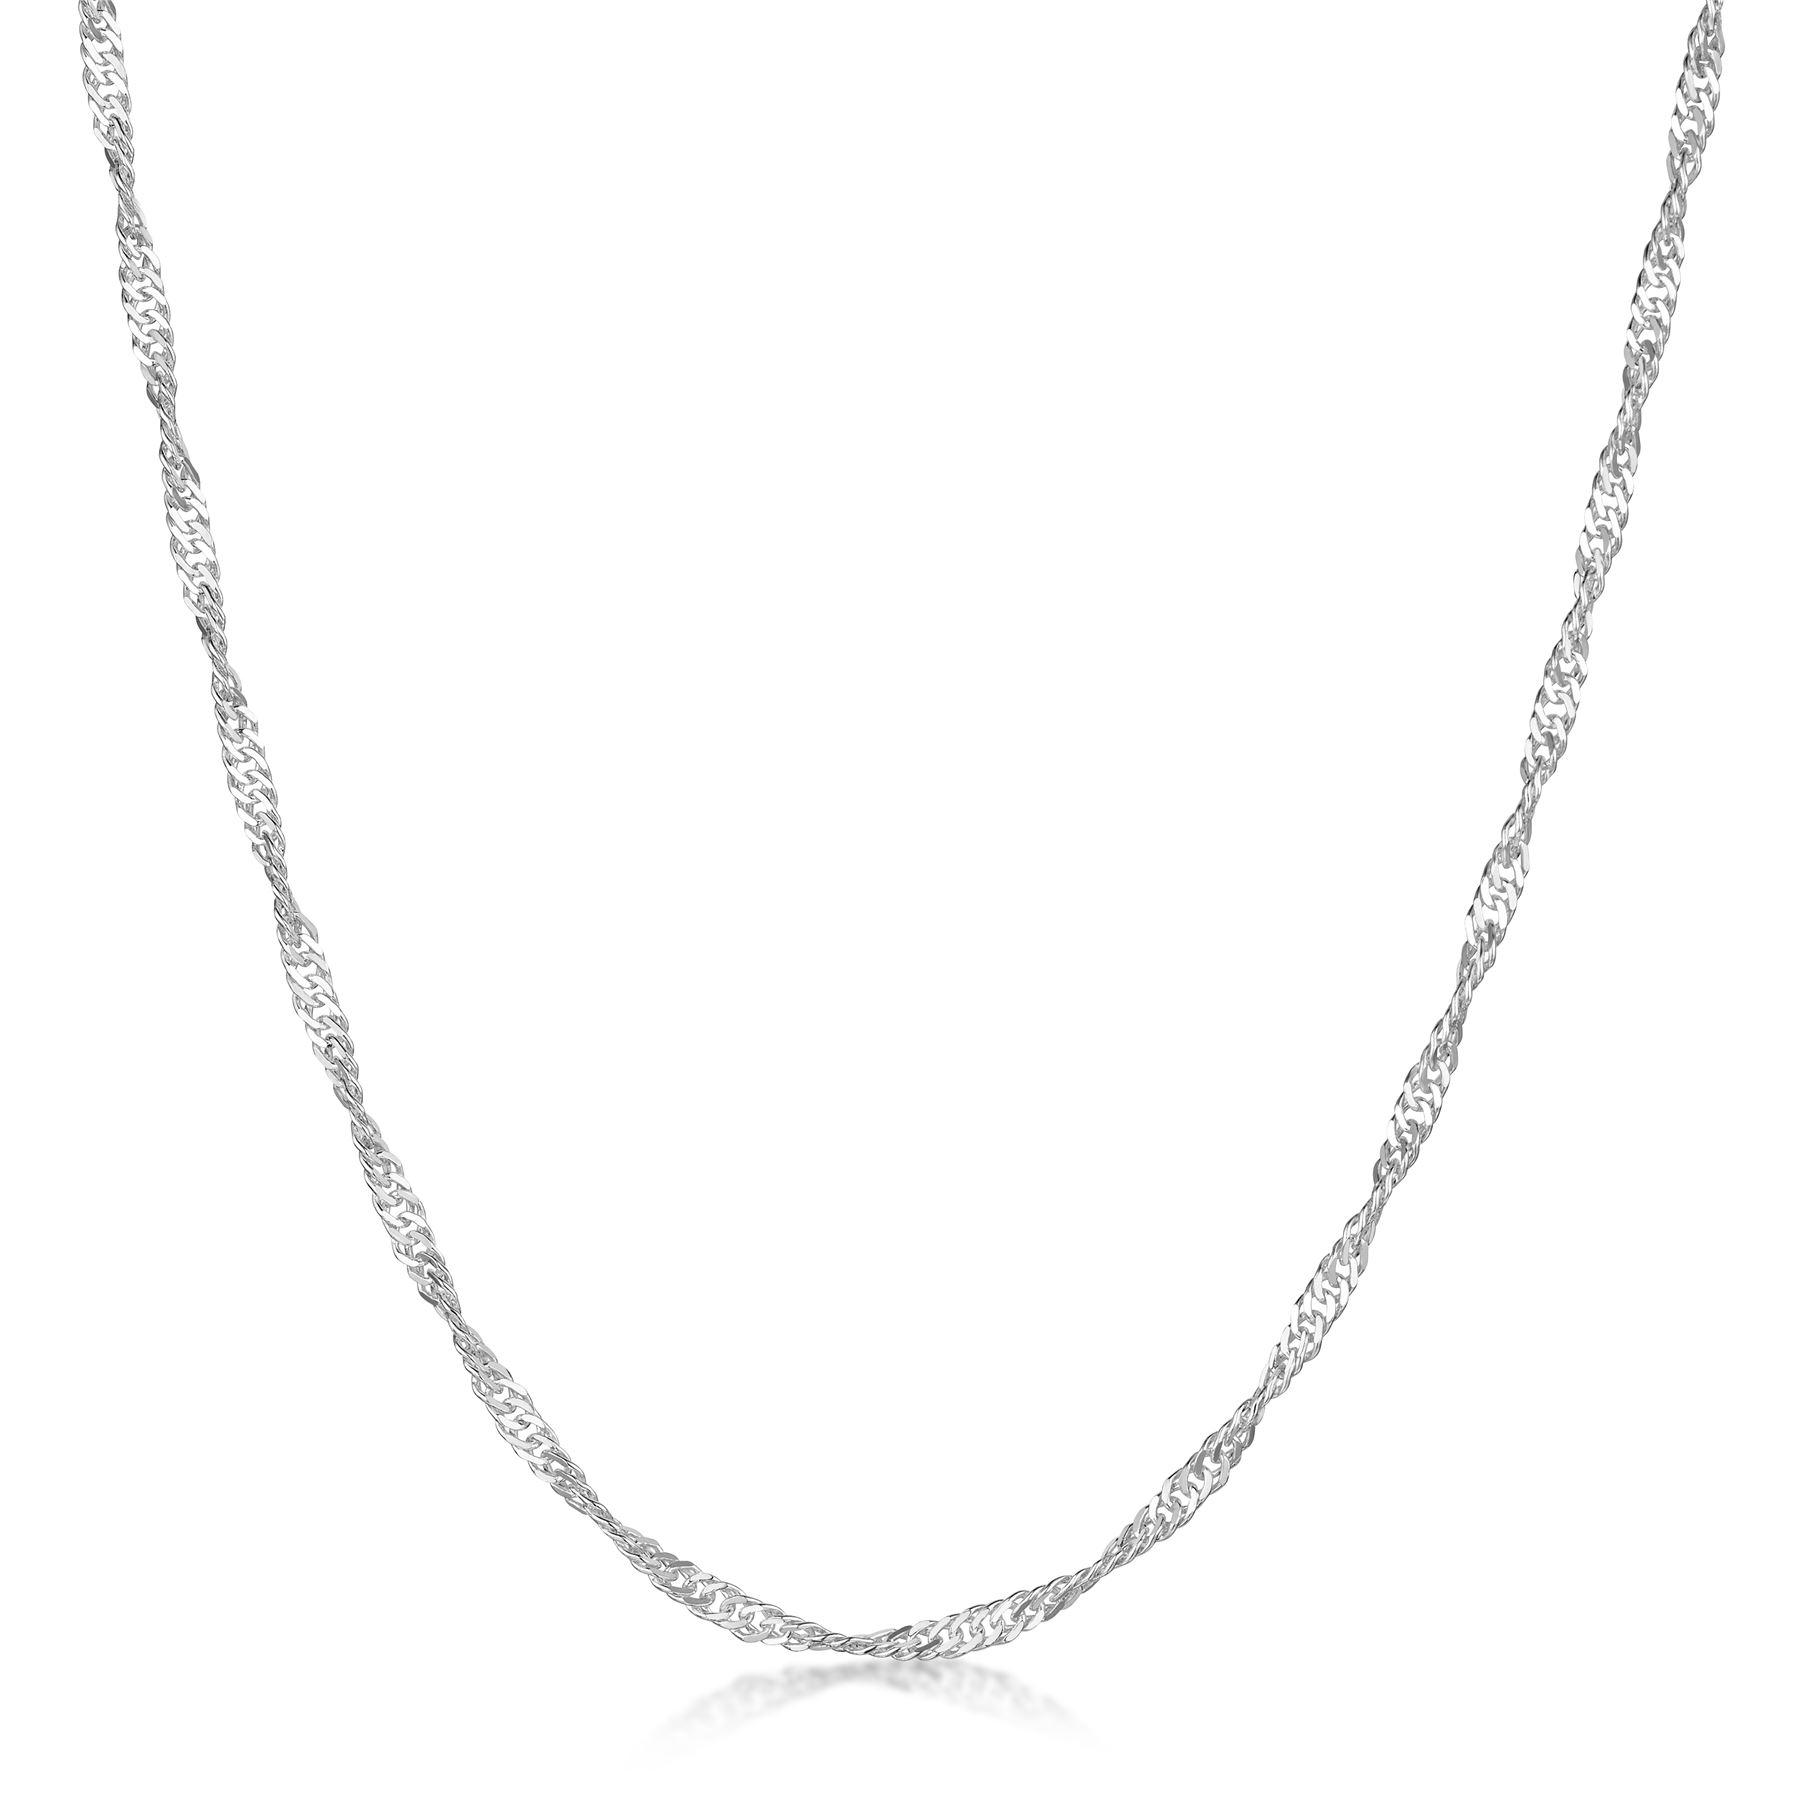 Amberta-Collar-en-Plata-De-Ley-925-Autentica-Cadena-para-Mujer-y-Hombre-Italiana miniatura 99